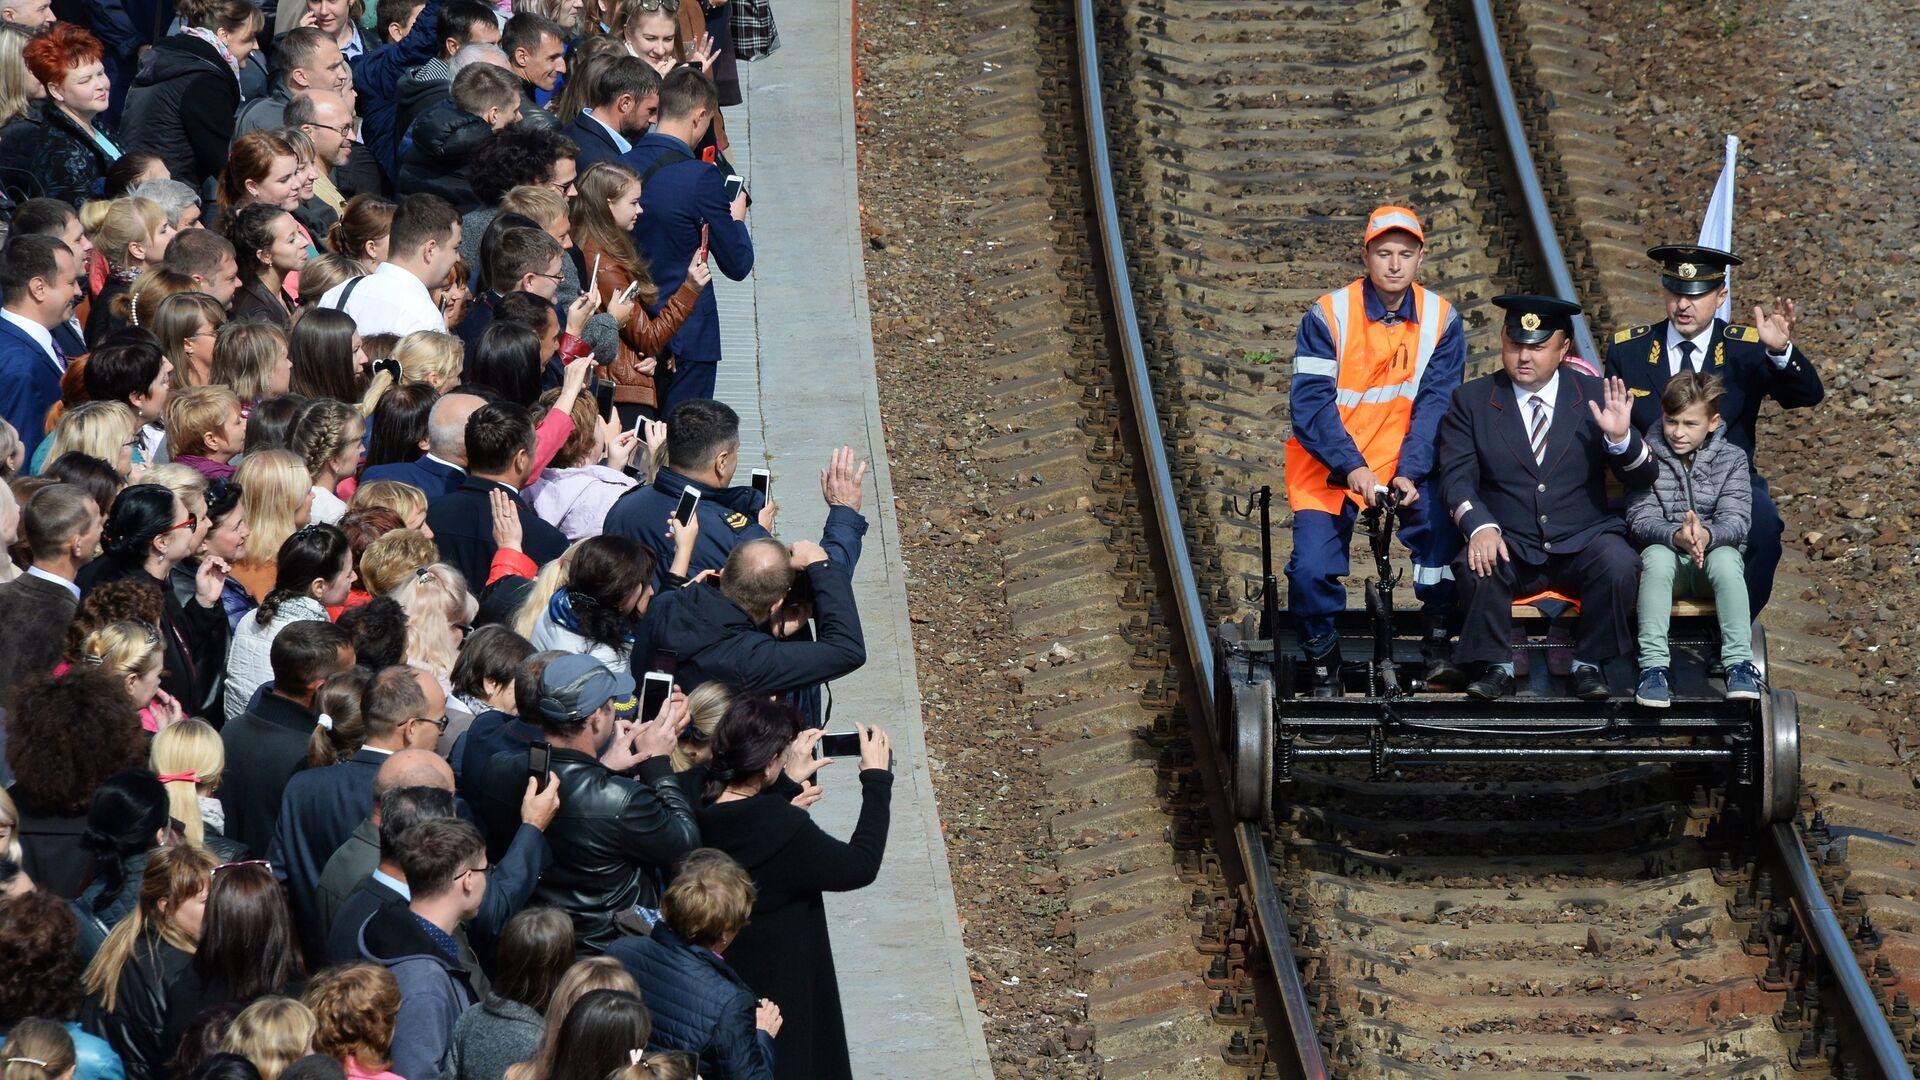 Зрители приветствуют работников железной дороги на празднике, посвященном 120-летию ДВЖД и 180-летию РЖД, на железнодорожном вокзале Владивостока. 6 октября 2017 - РИА Новости, 1920, 26.02.2021